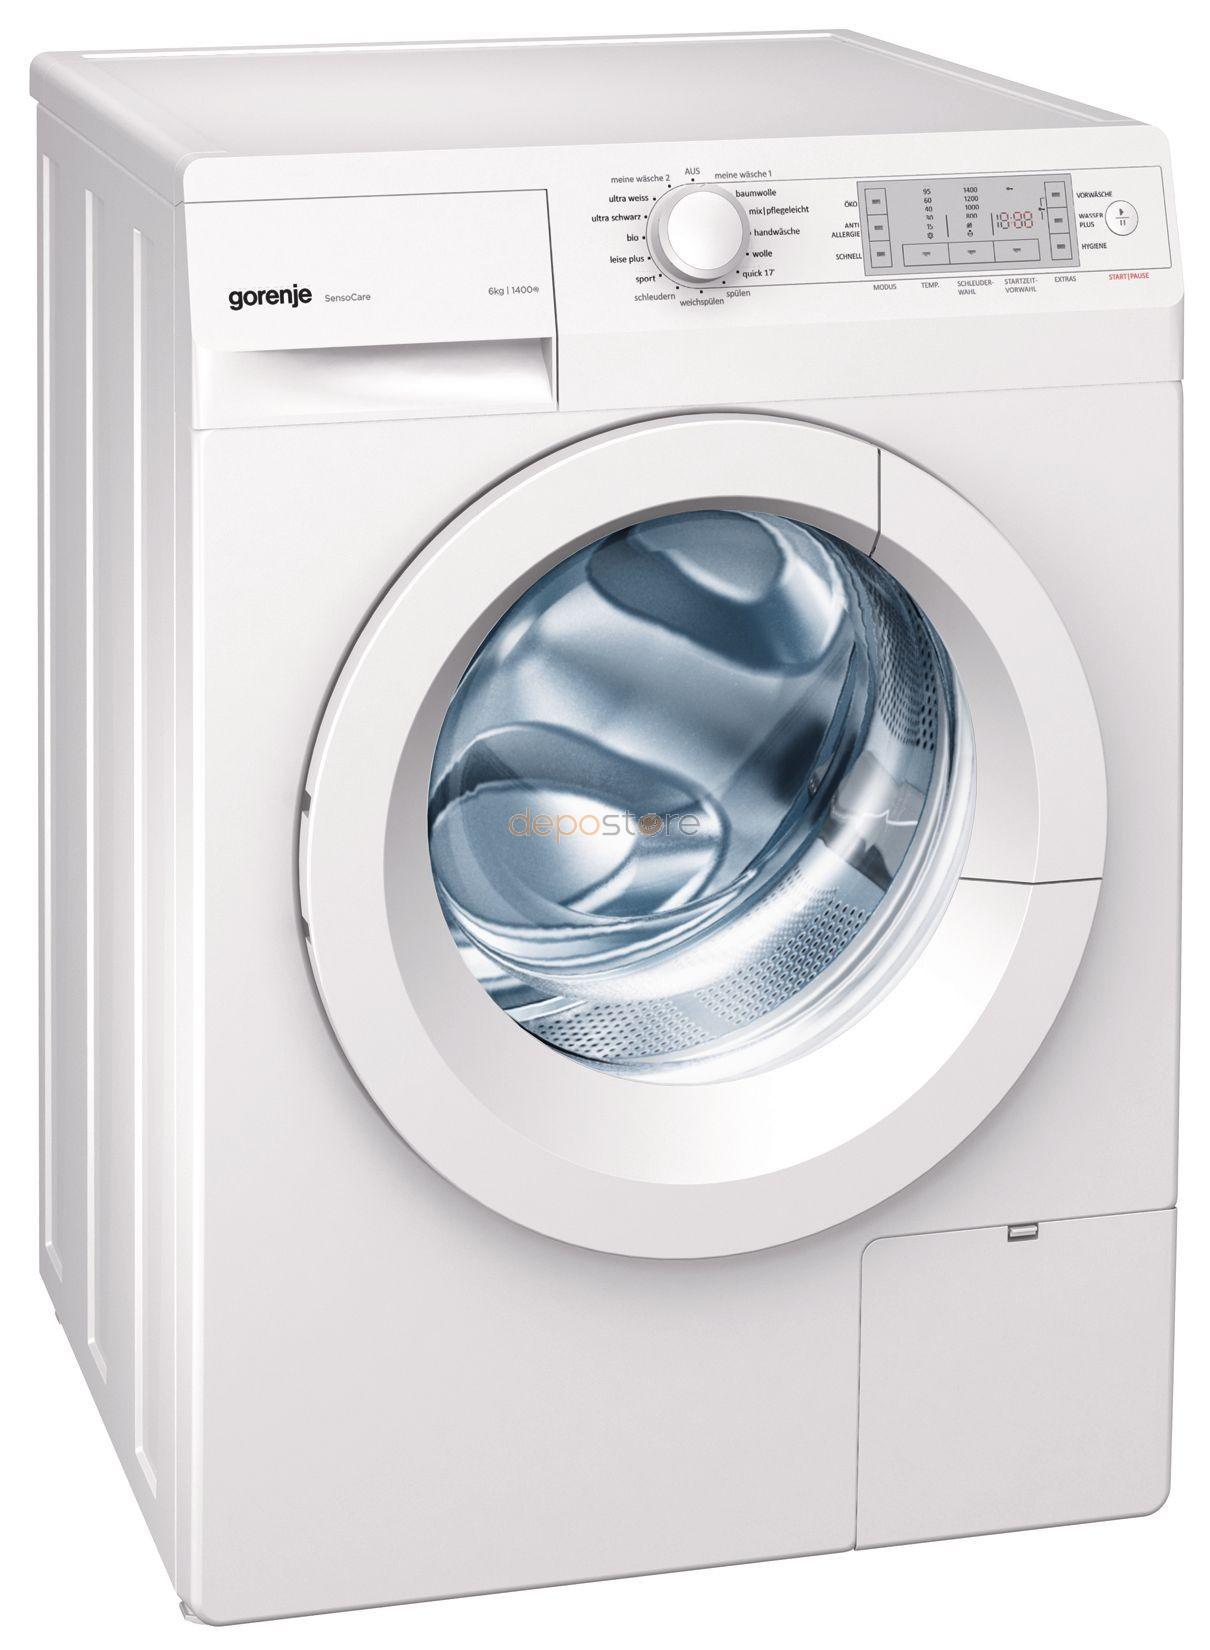 gorenje w6443 s 6kg a keskeny el lt lt s mos g p 1400 centrifuga. Black Bedroom Furniture Sets. Home Design Ideas